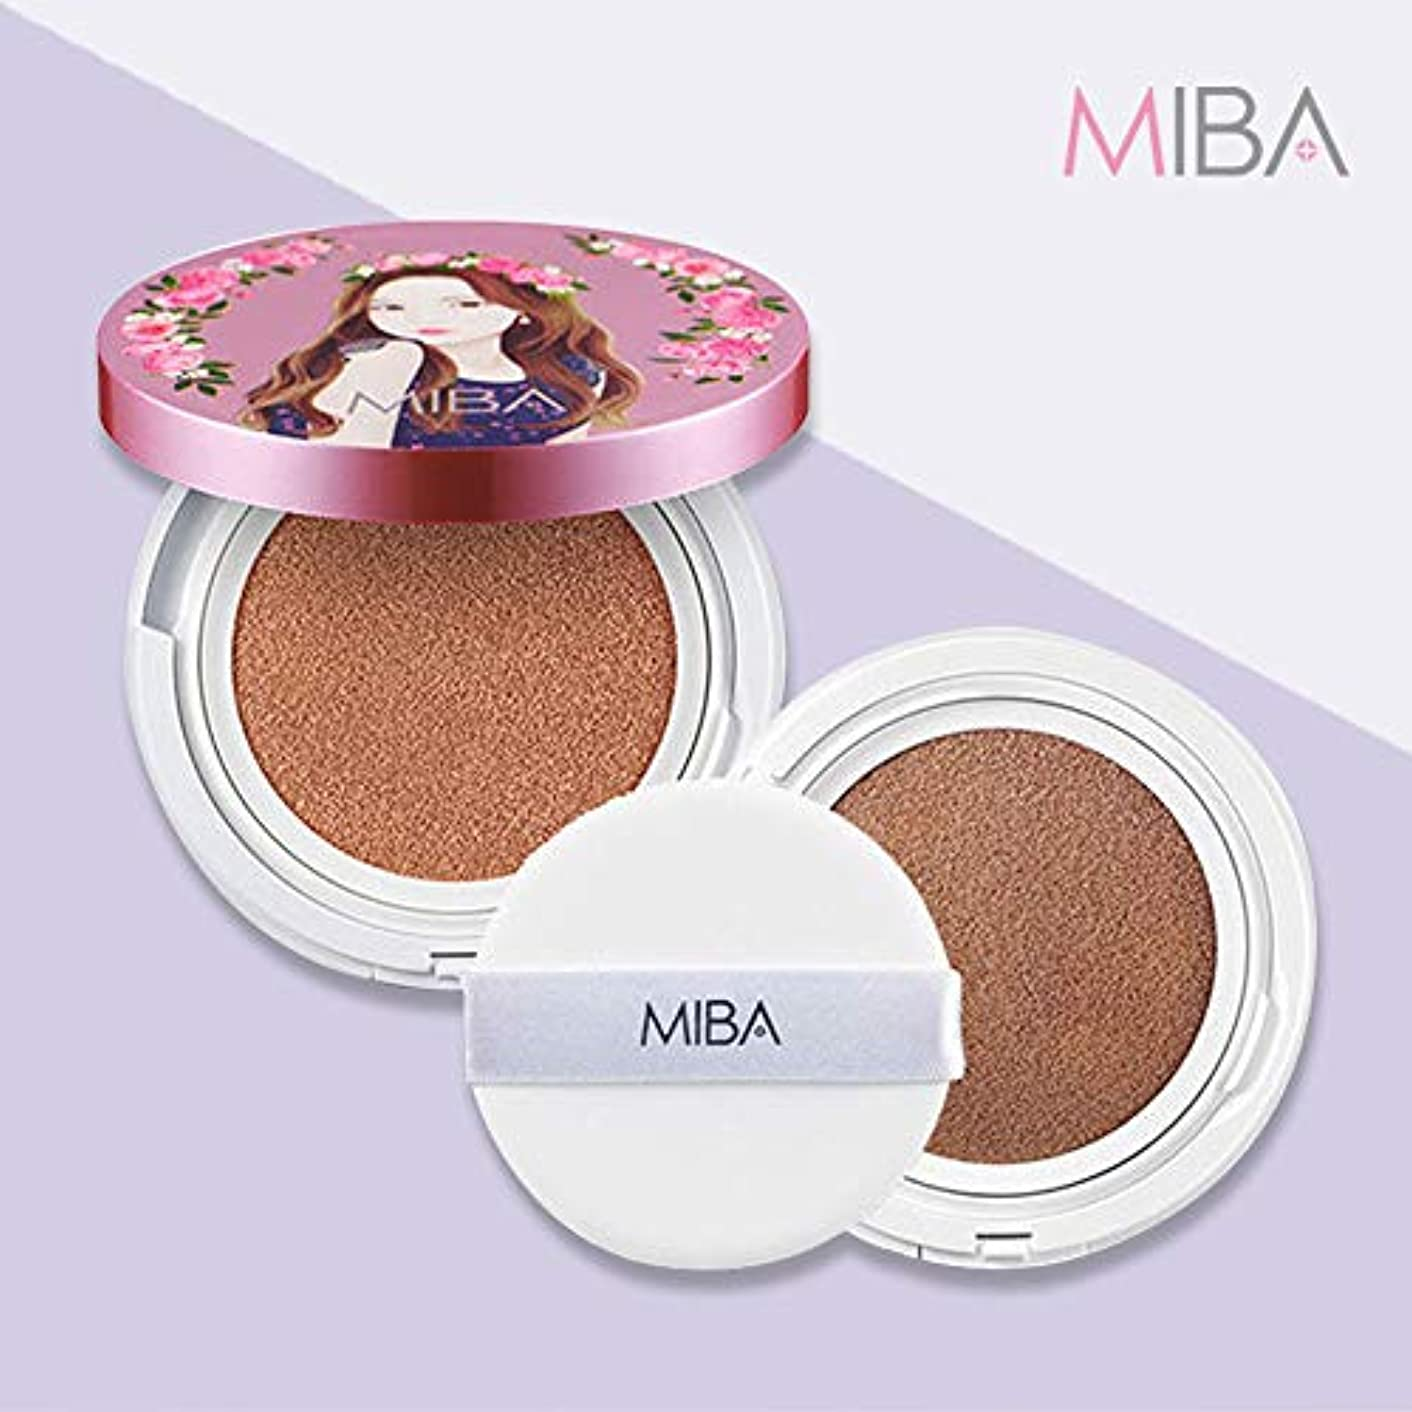 写真撮影ホバー差し迫った【mineralbio】 MIBA ミバ イオンカルシウム ミネラルファンデーション ダブルクッション 本品+リフィル+パフ2枚 SPF50+/PA++++ 普通肌用 (Ion Calcium Foundation Double Cushion set 24g #23 Natural skin)